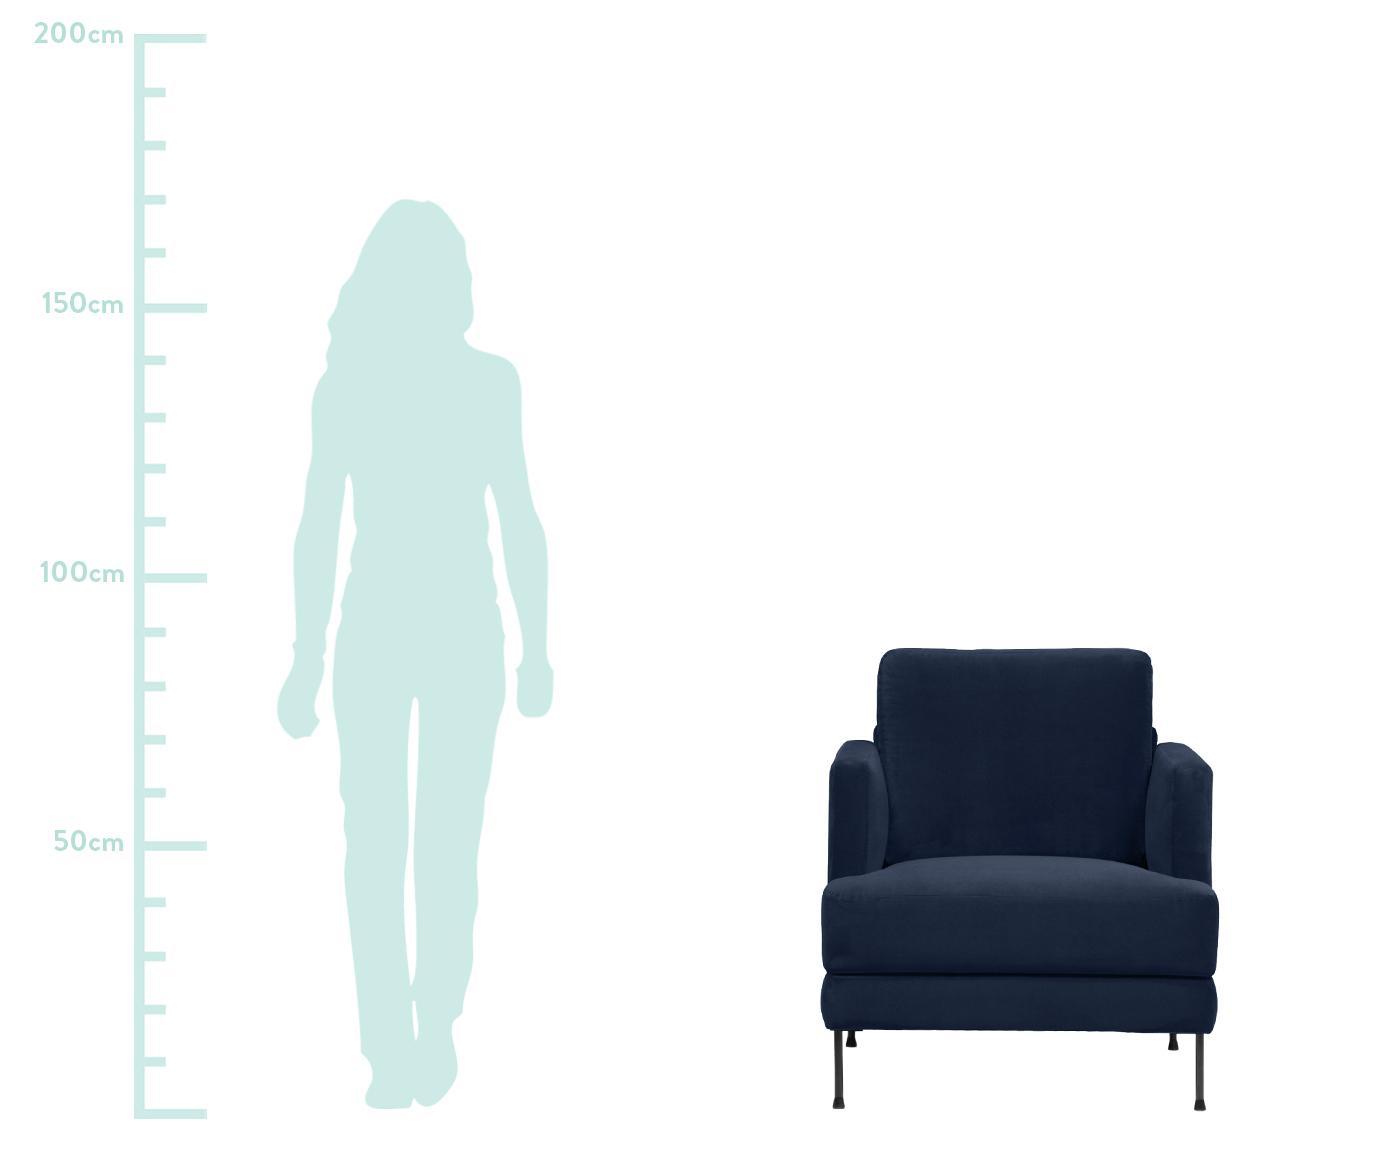 Fotel z aksamitu Fluente, Tapicerka: aksamit (wysokiej jakości, Stelaż: lite drewno sosnowe, Nogi: metal lakierowany, Ciemny niebieski aksamit, S 76 x G 83 cm